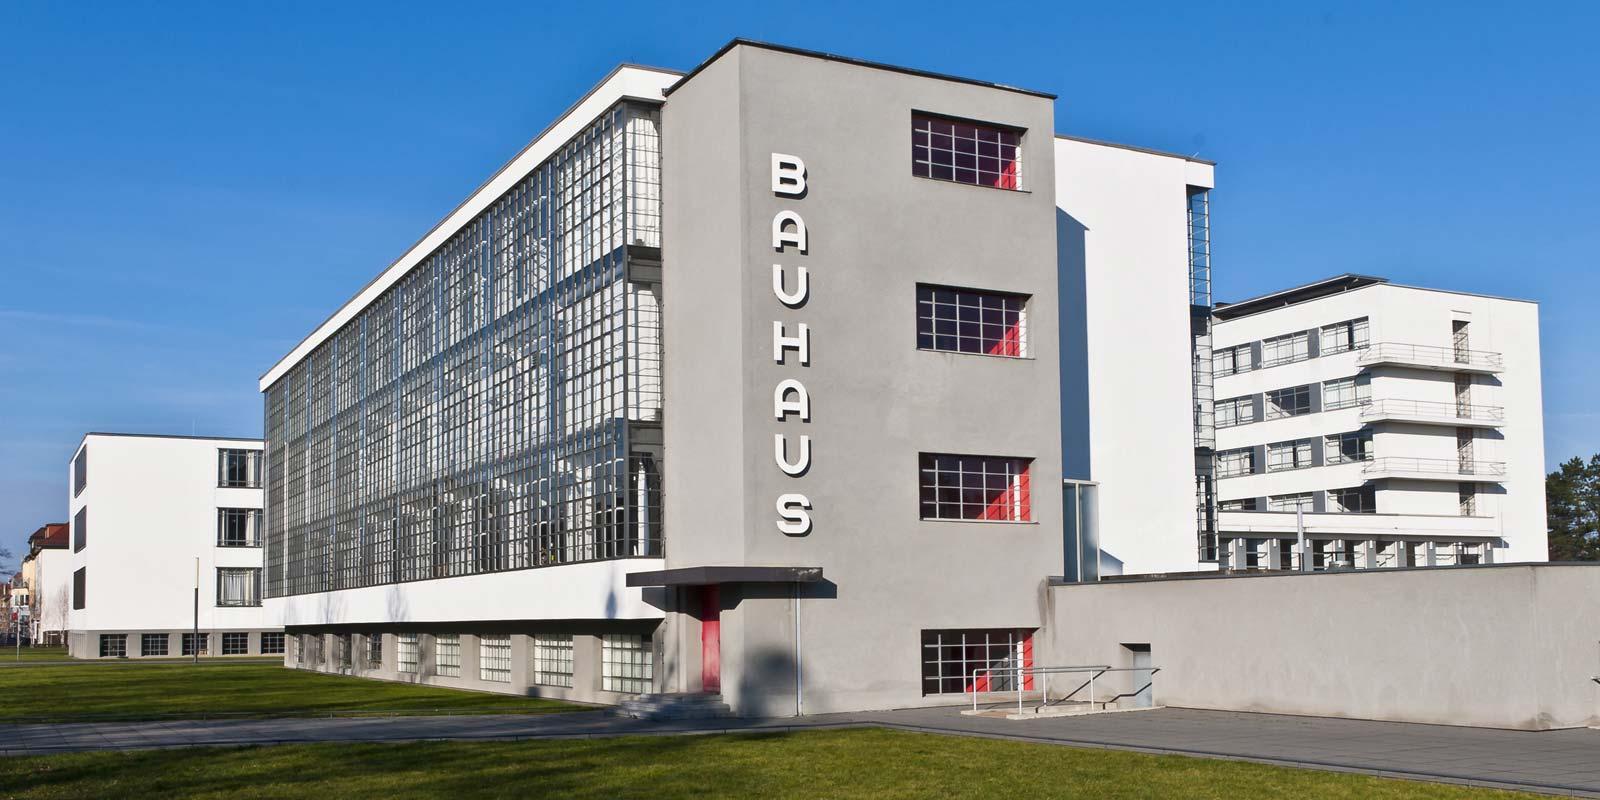 RECARO Bauhaus